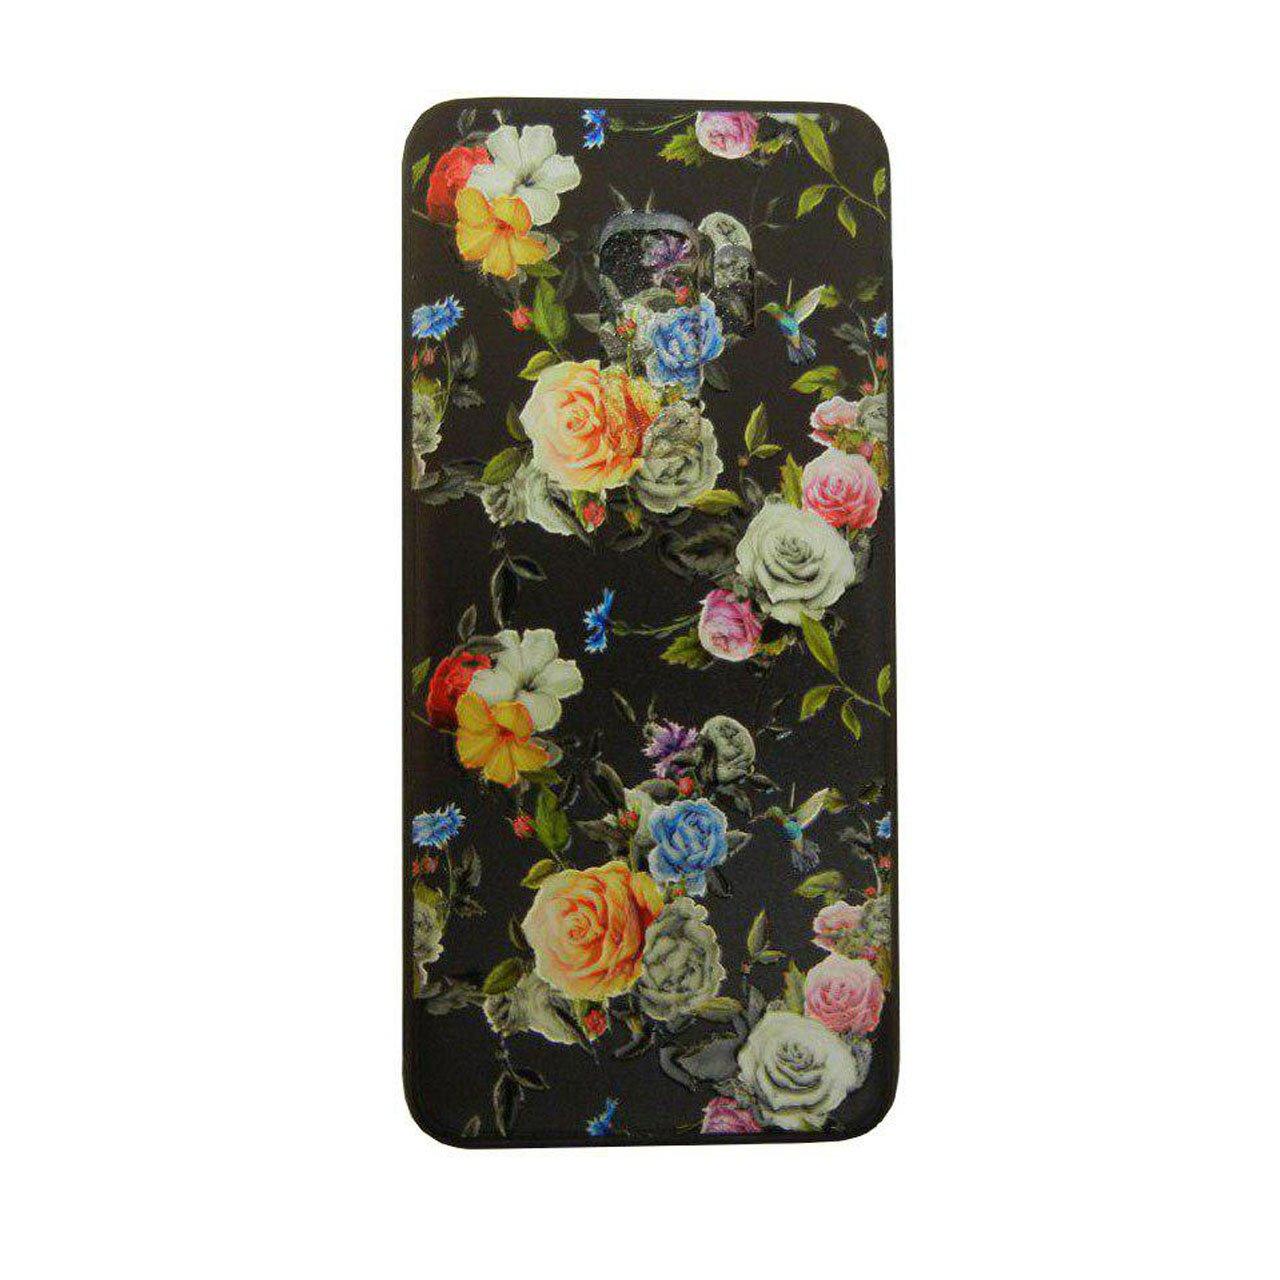 کاور موبایل مناسب برای سامسونگ S9 PLUS